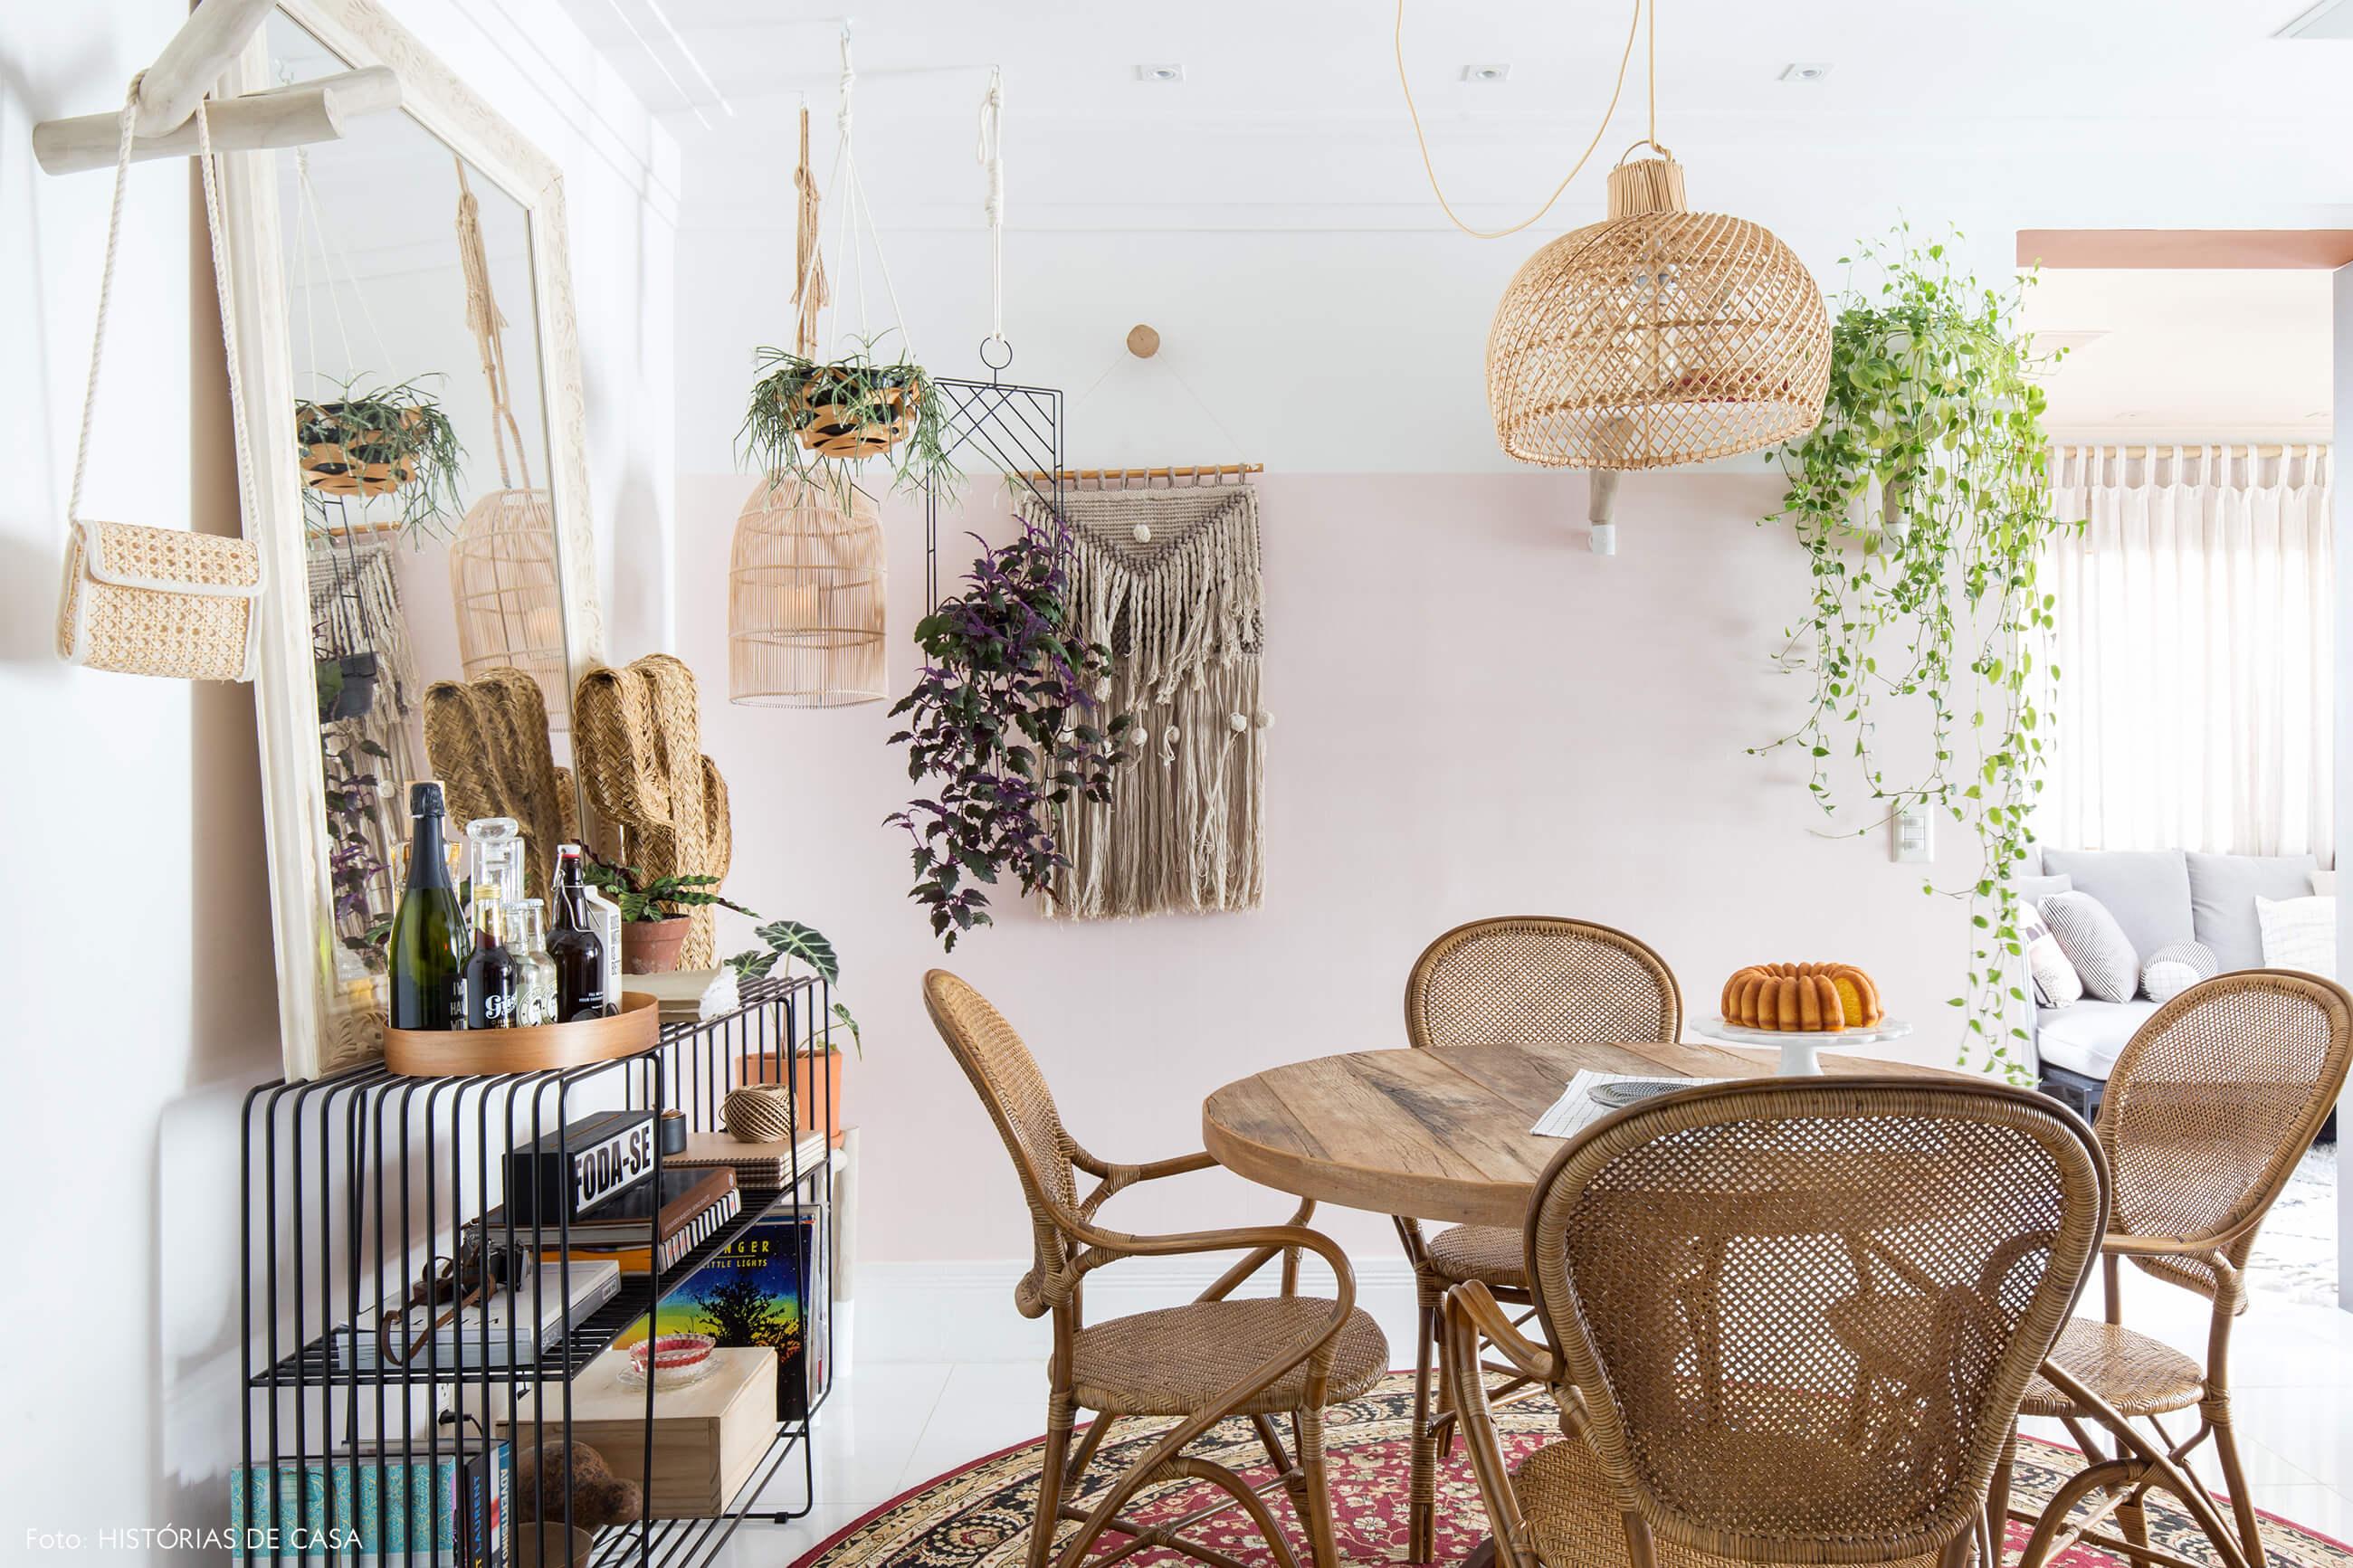 -ju-cosi-decoração-sala-jantar-cadeiras-e-luminaria-de-palha